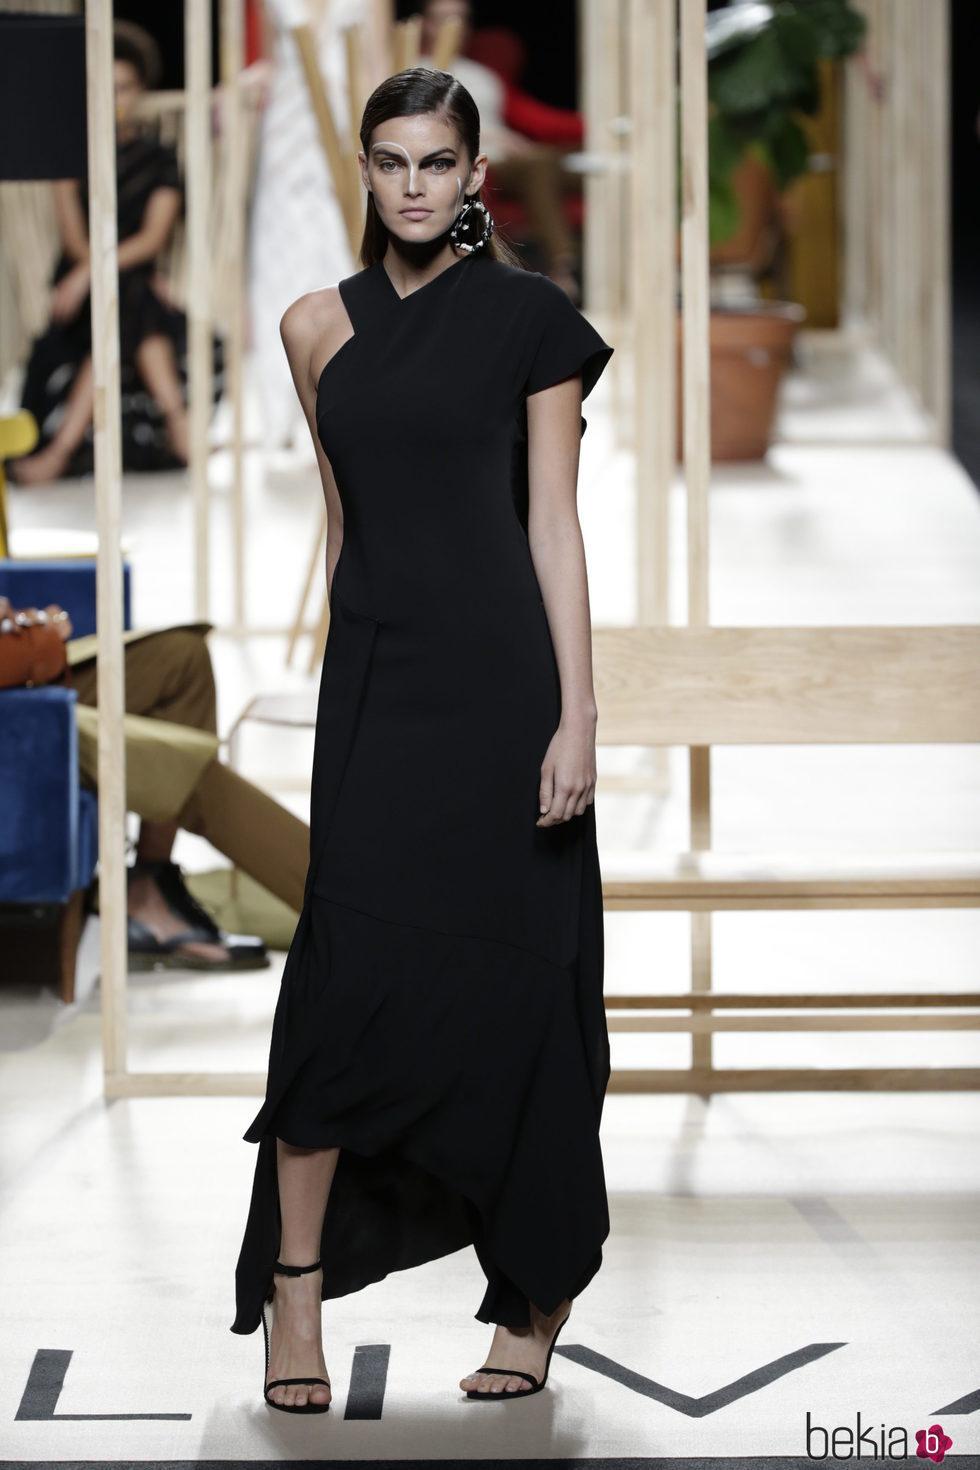 Vestido negro otono 2019